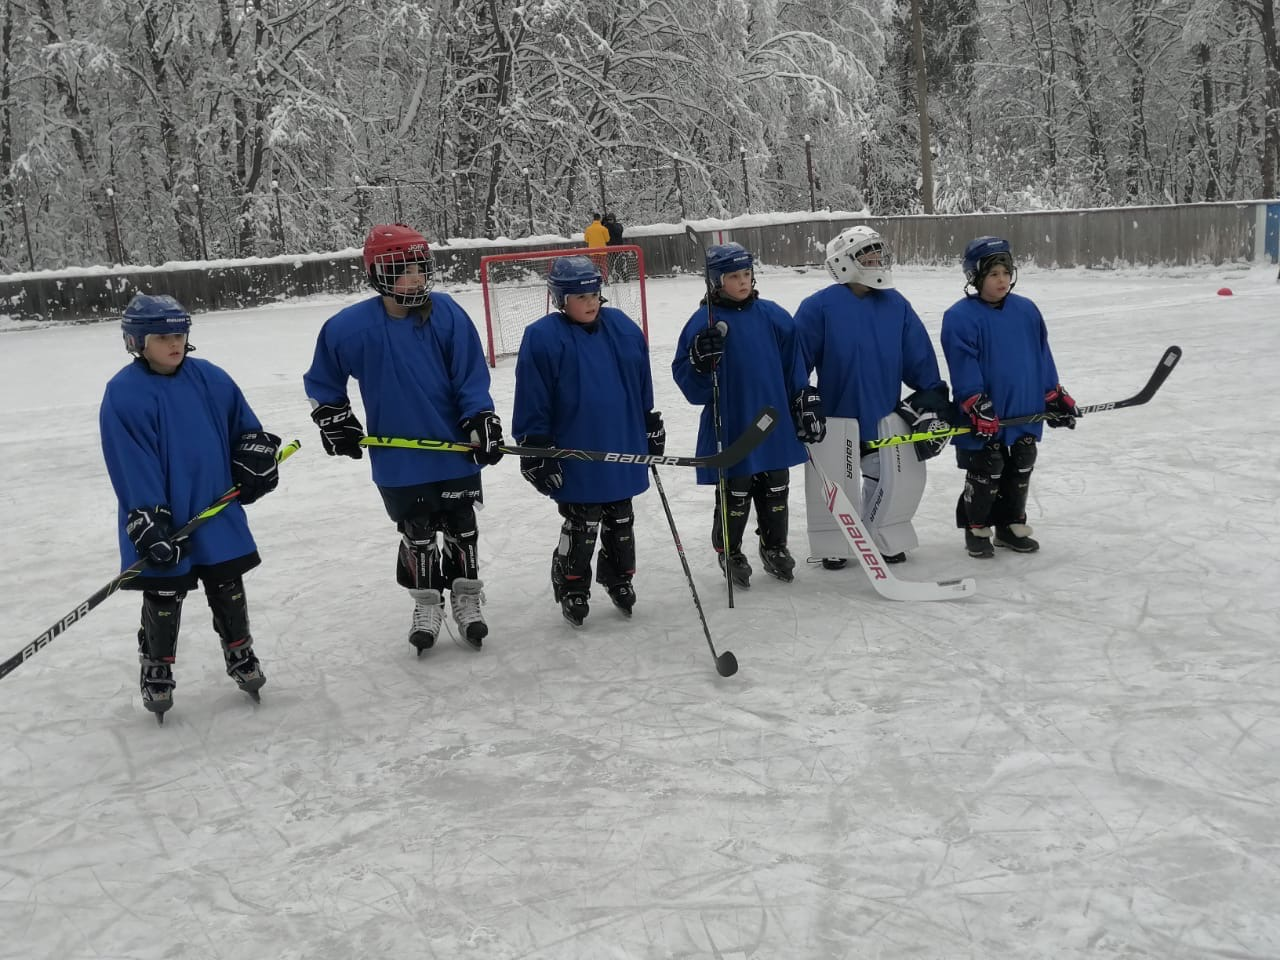 Учащиеся школы поселка Борок получили в подарок от Дмитрия Миронова комплекты настоящей хоккейной экипировки